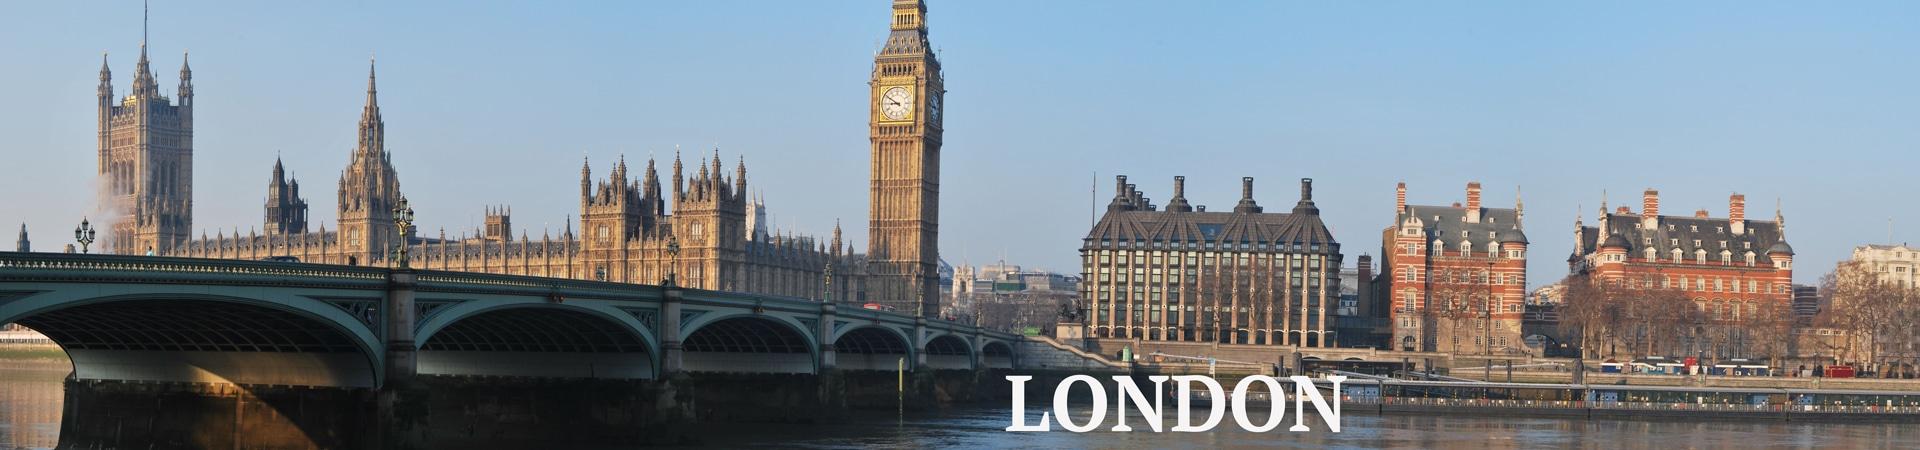 London_Panorama_8151657308